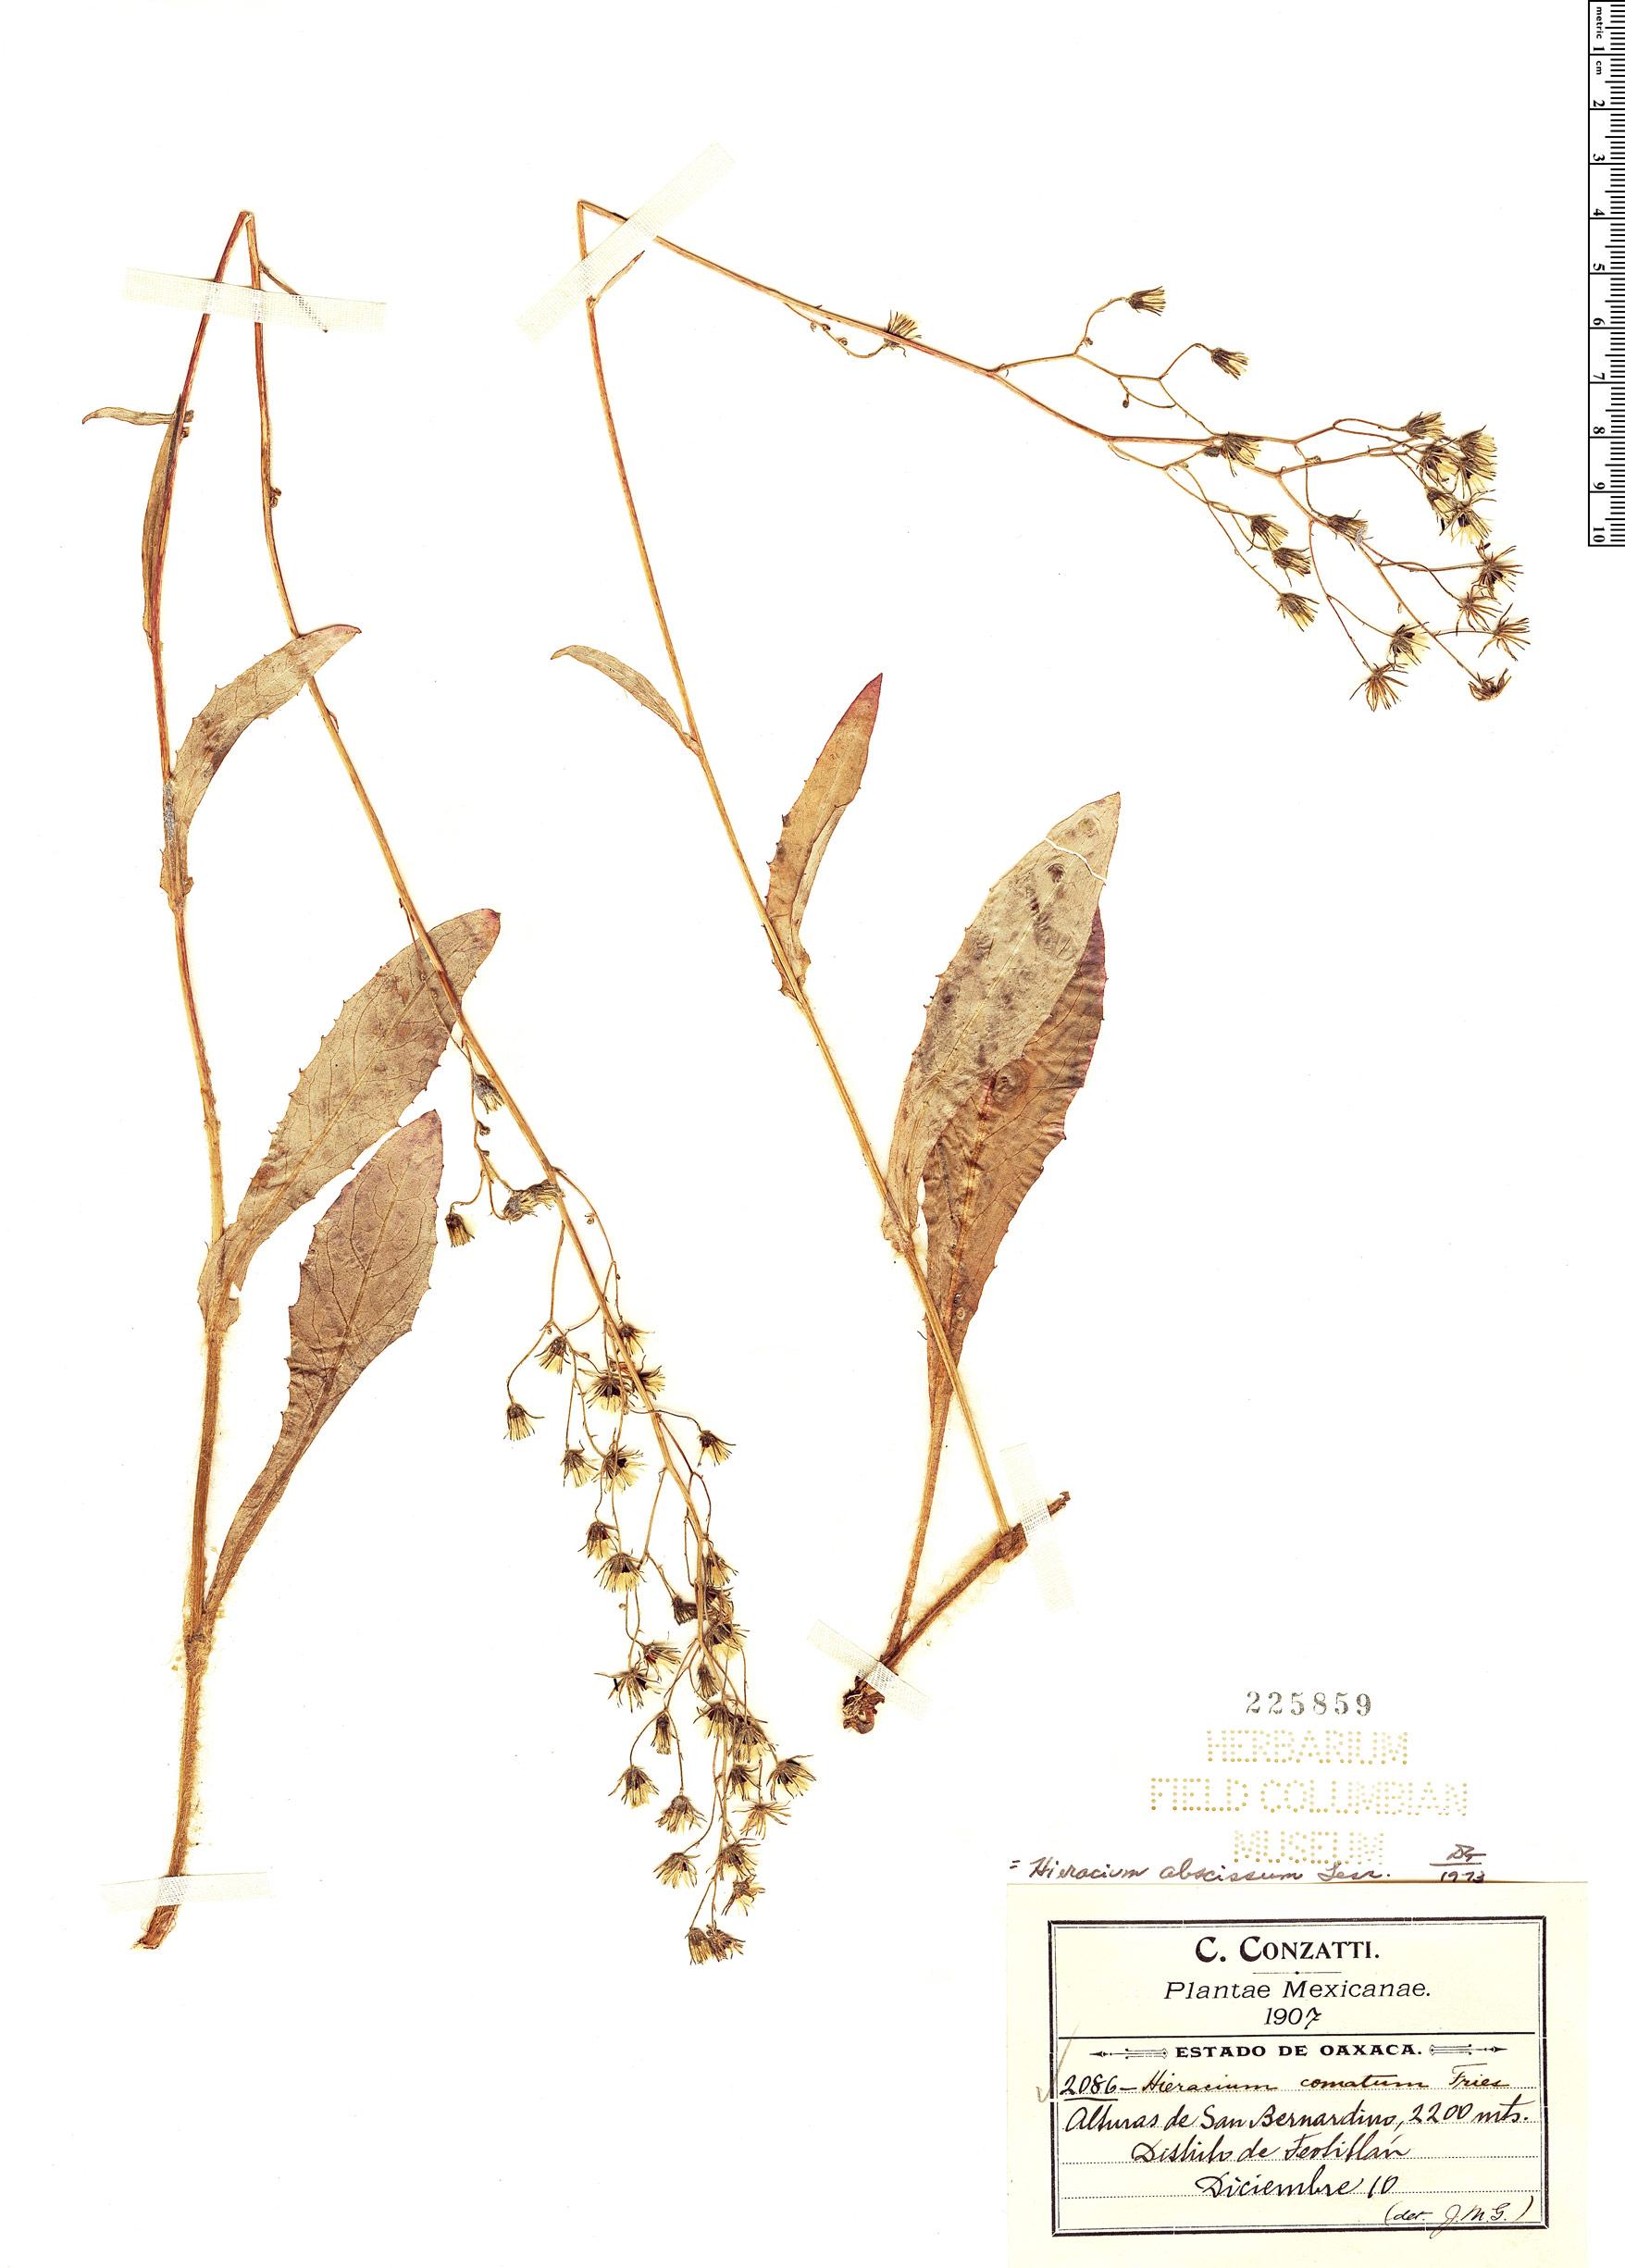 Specimen: Hieracium abscissum